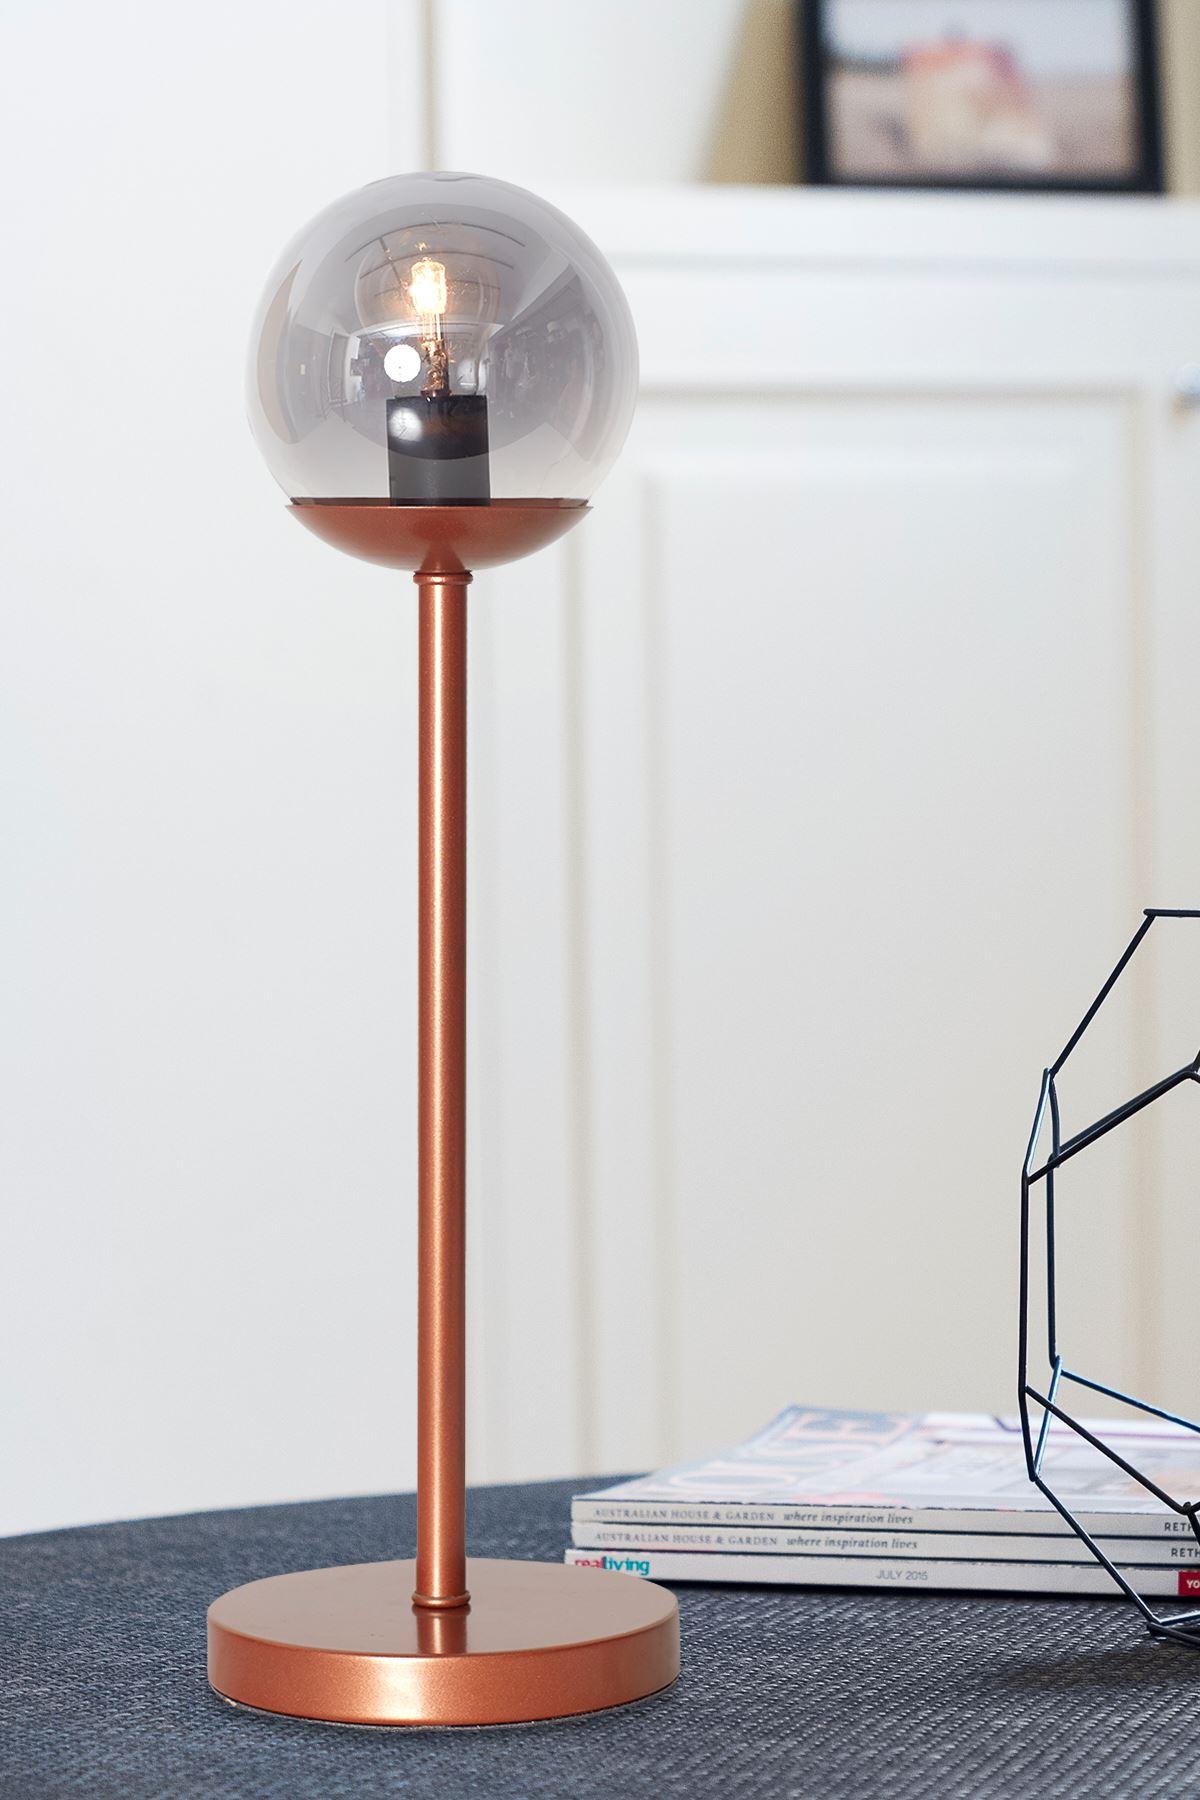 Glob Bakır Metal Gövde Füme Camlı Tasarım Lüx Masa Lambası